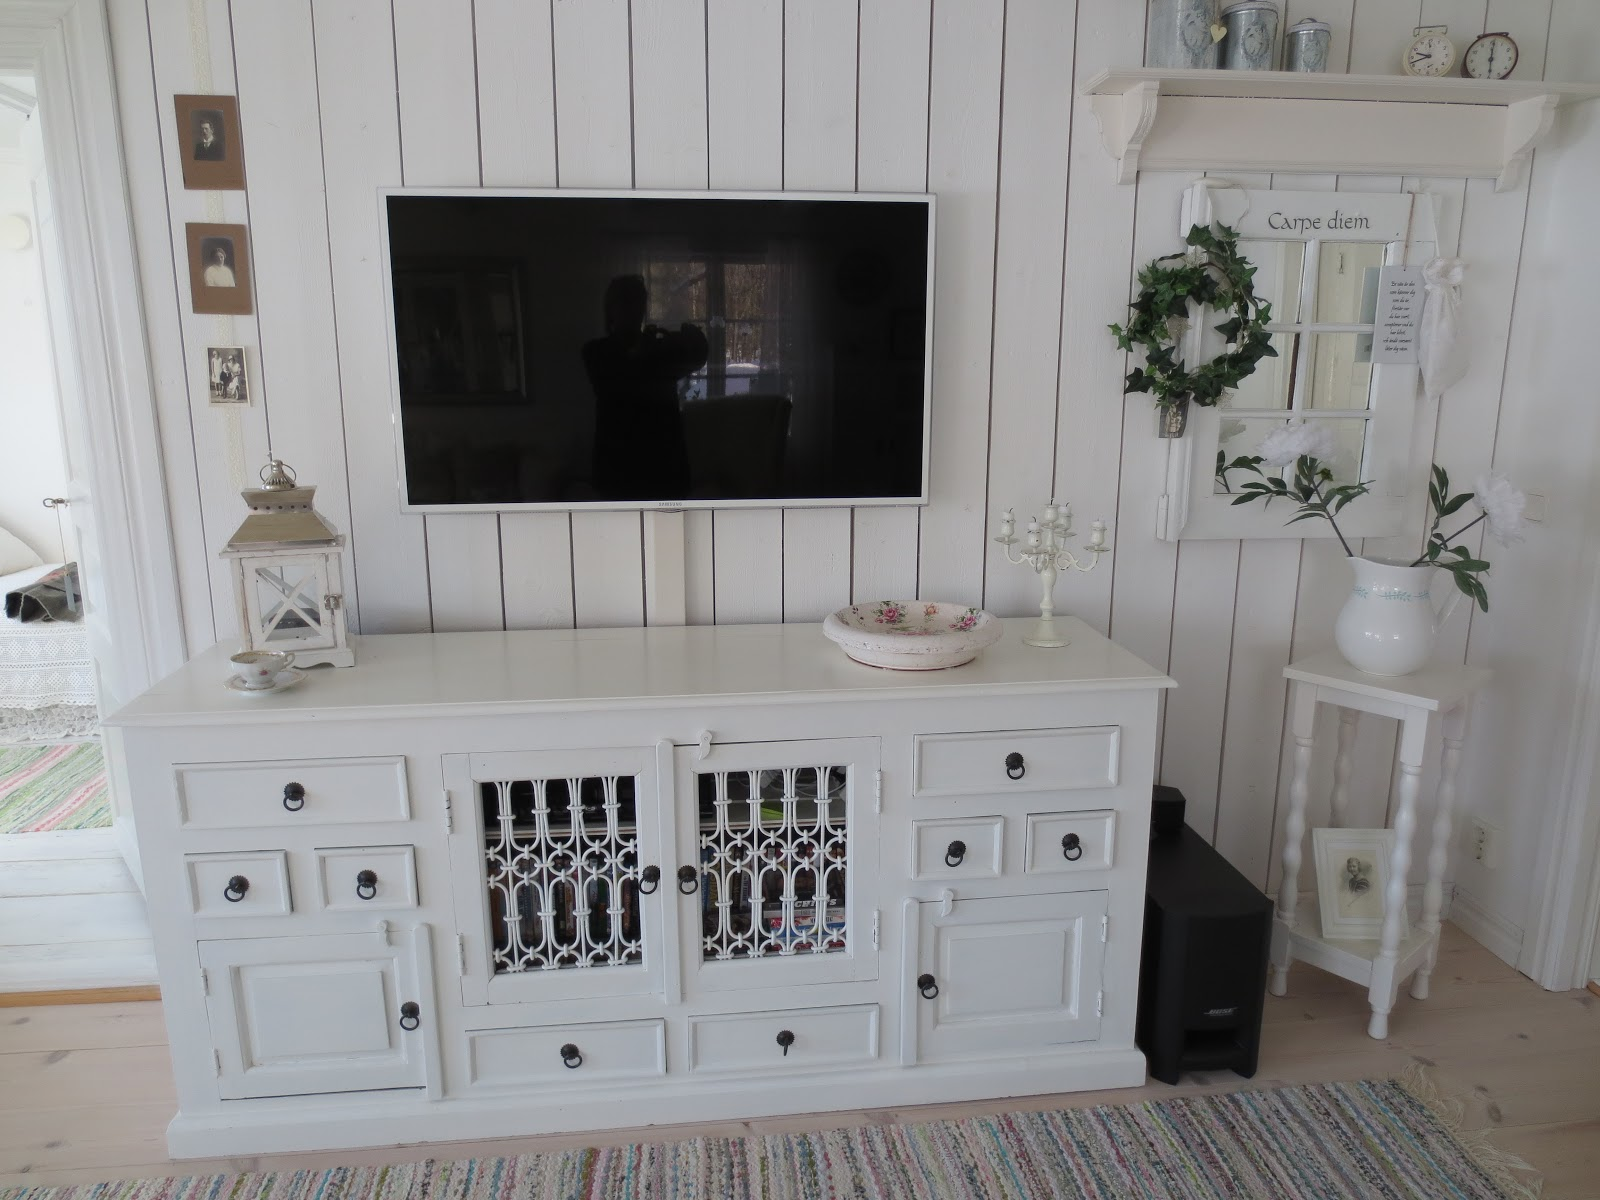 k lleboda lantliv tv b nk. Black Bedroom Furniture Sets. Home Design Ideas